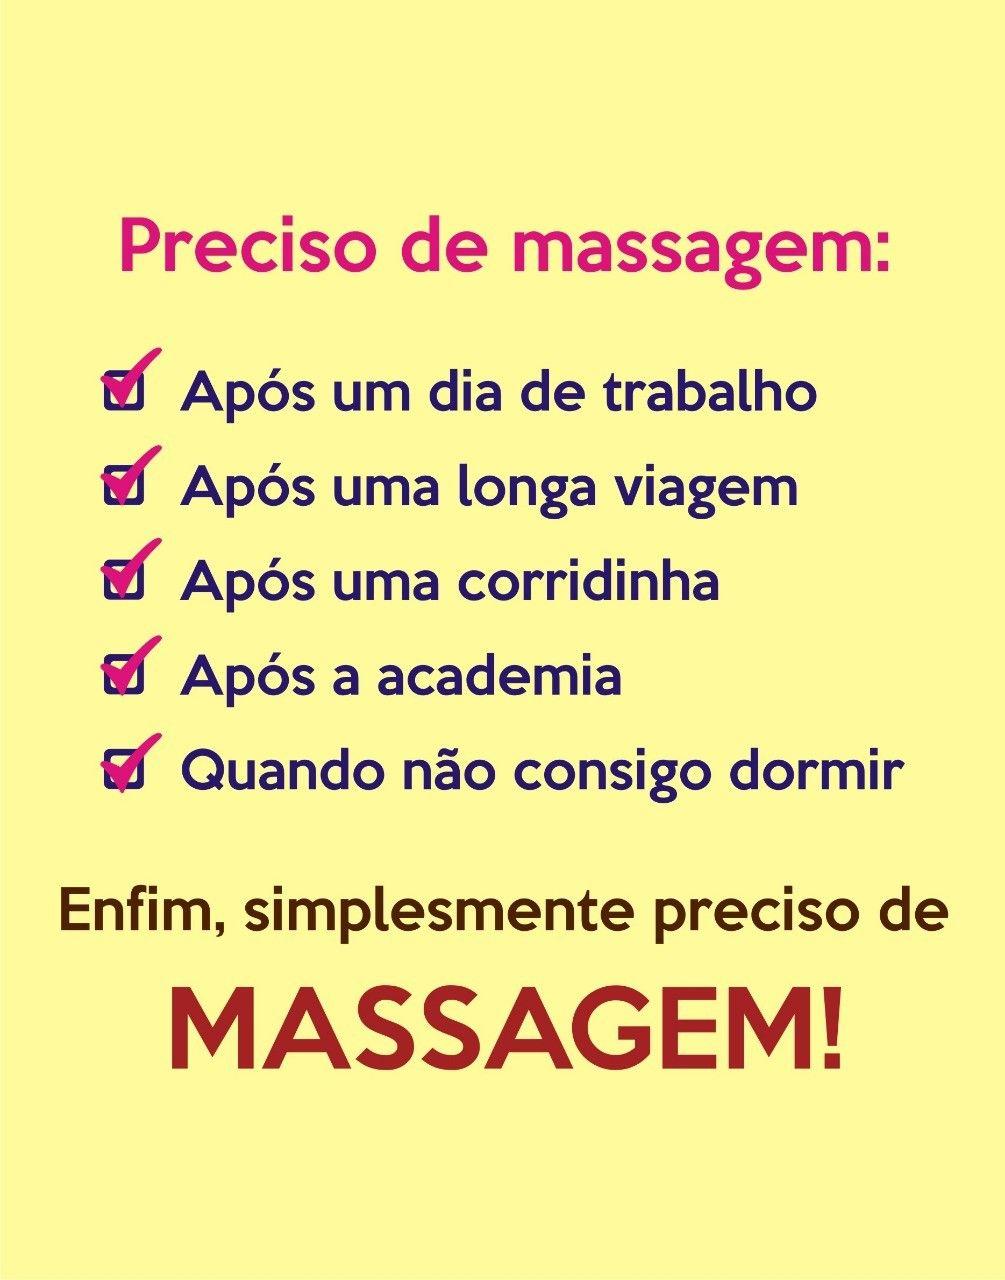 Preciso Muito De Massagem Massagem Fotos De Massagem Dicas De